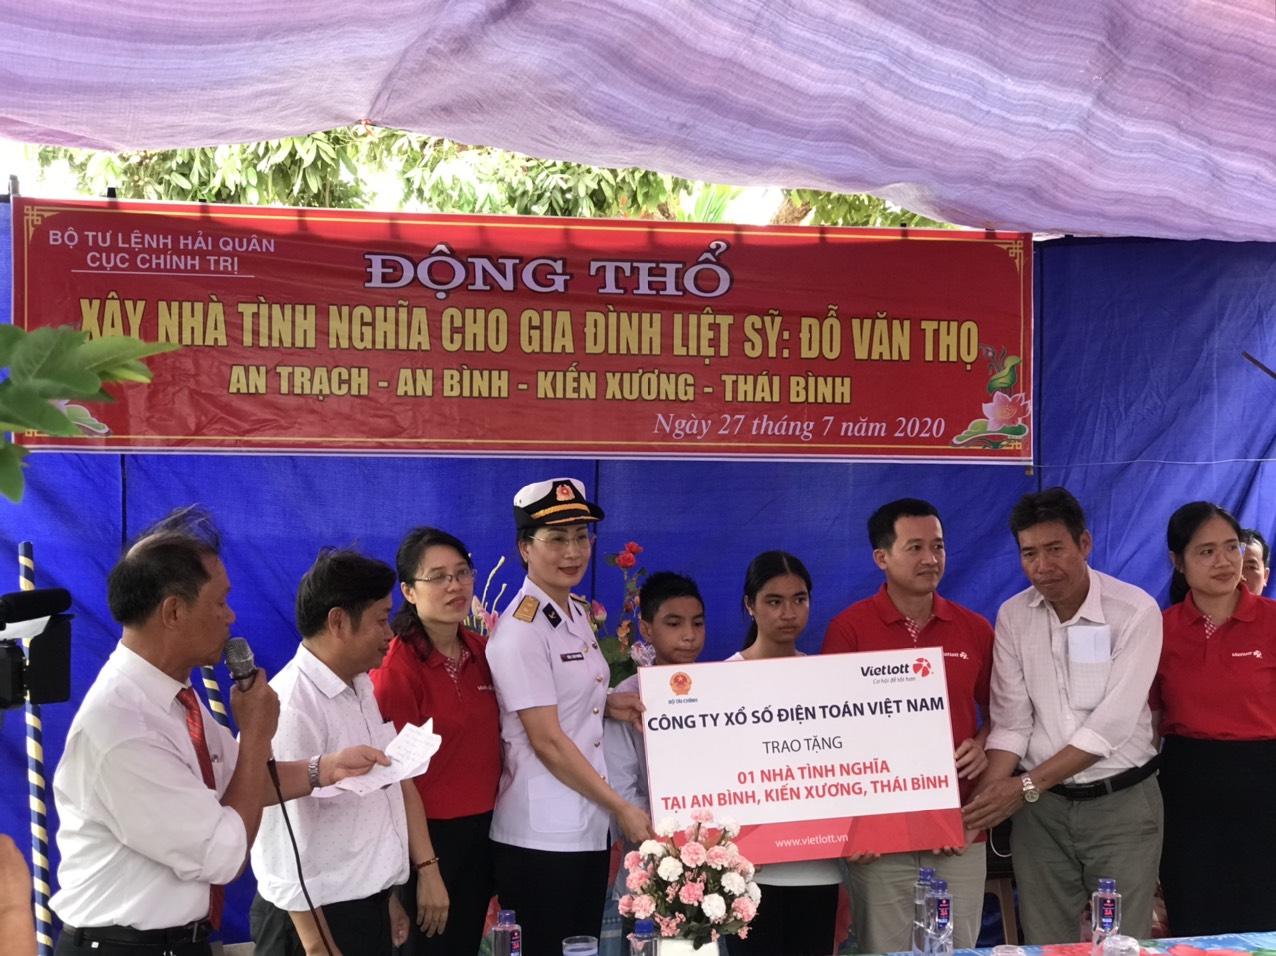 Vietlott trao tặng 01 nhà tình nghĩa  cho gia đình liệt sĩ tại Thái Bình